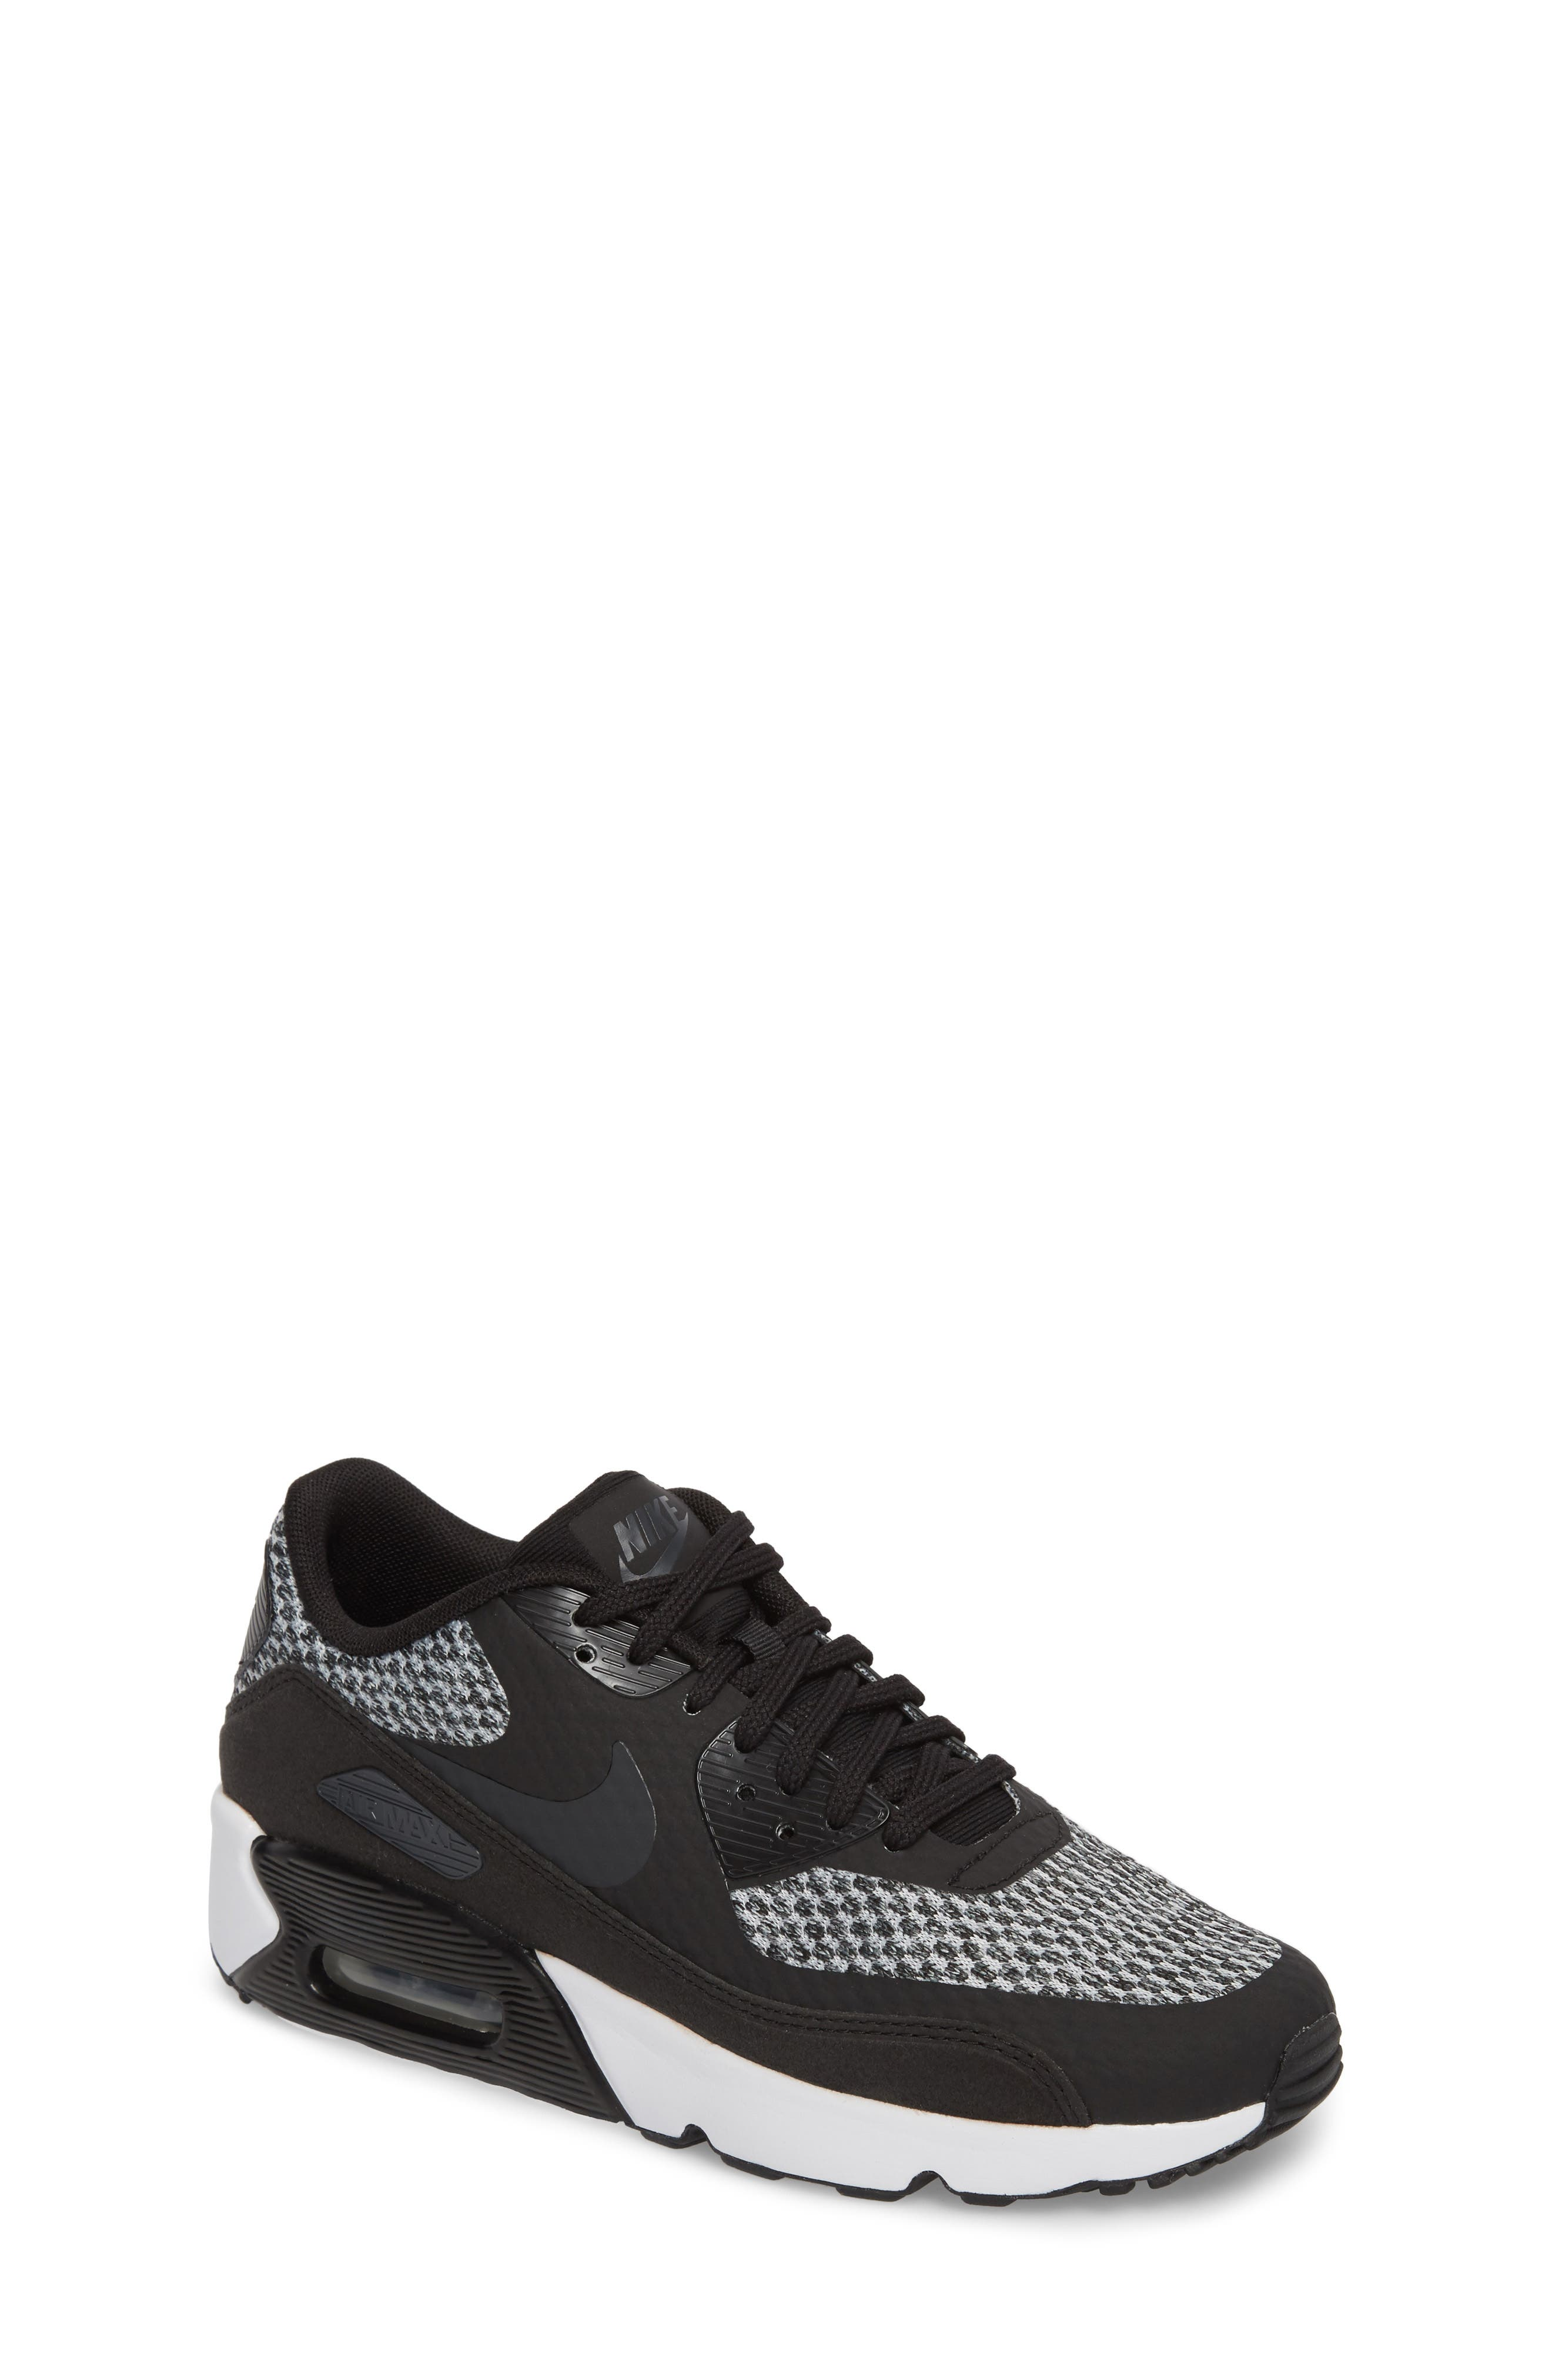 Main Image - Nike Air Max 90 Ultra 2.0 SE Sneaker (Big Kid)